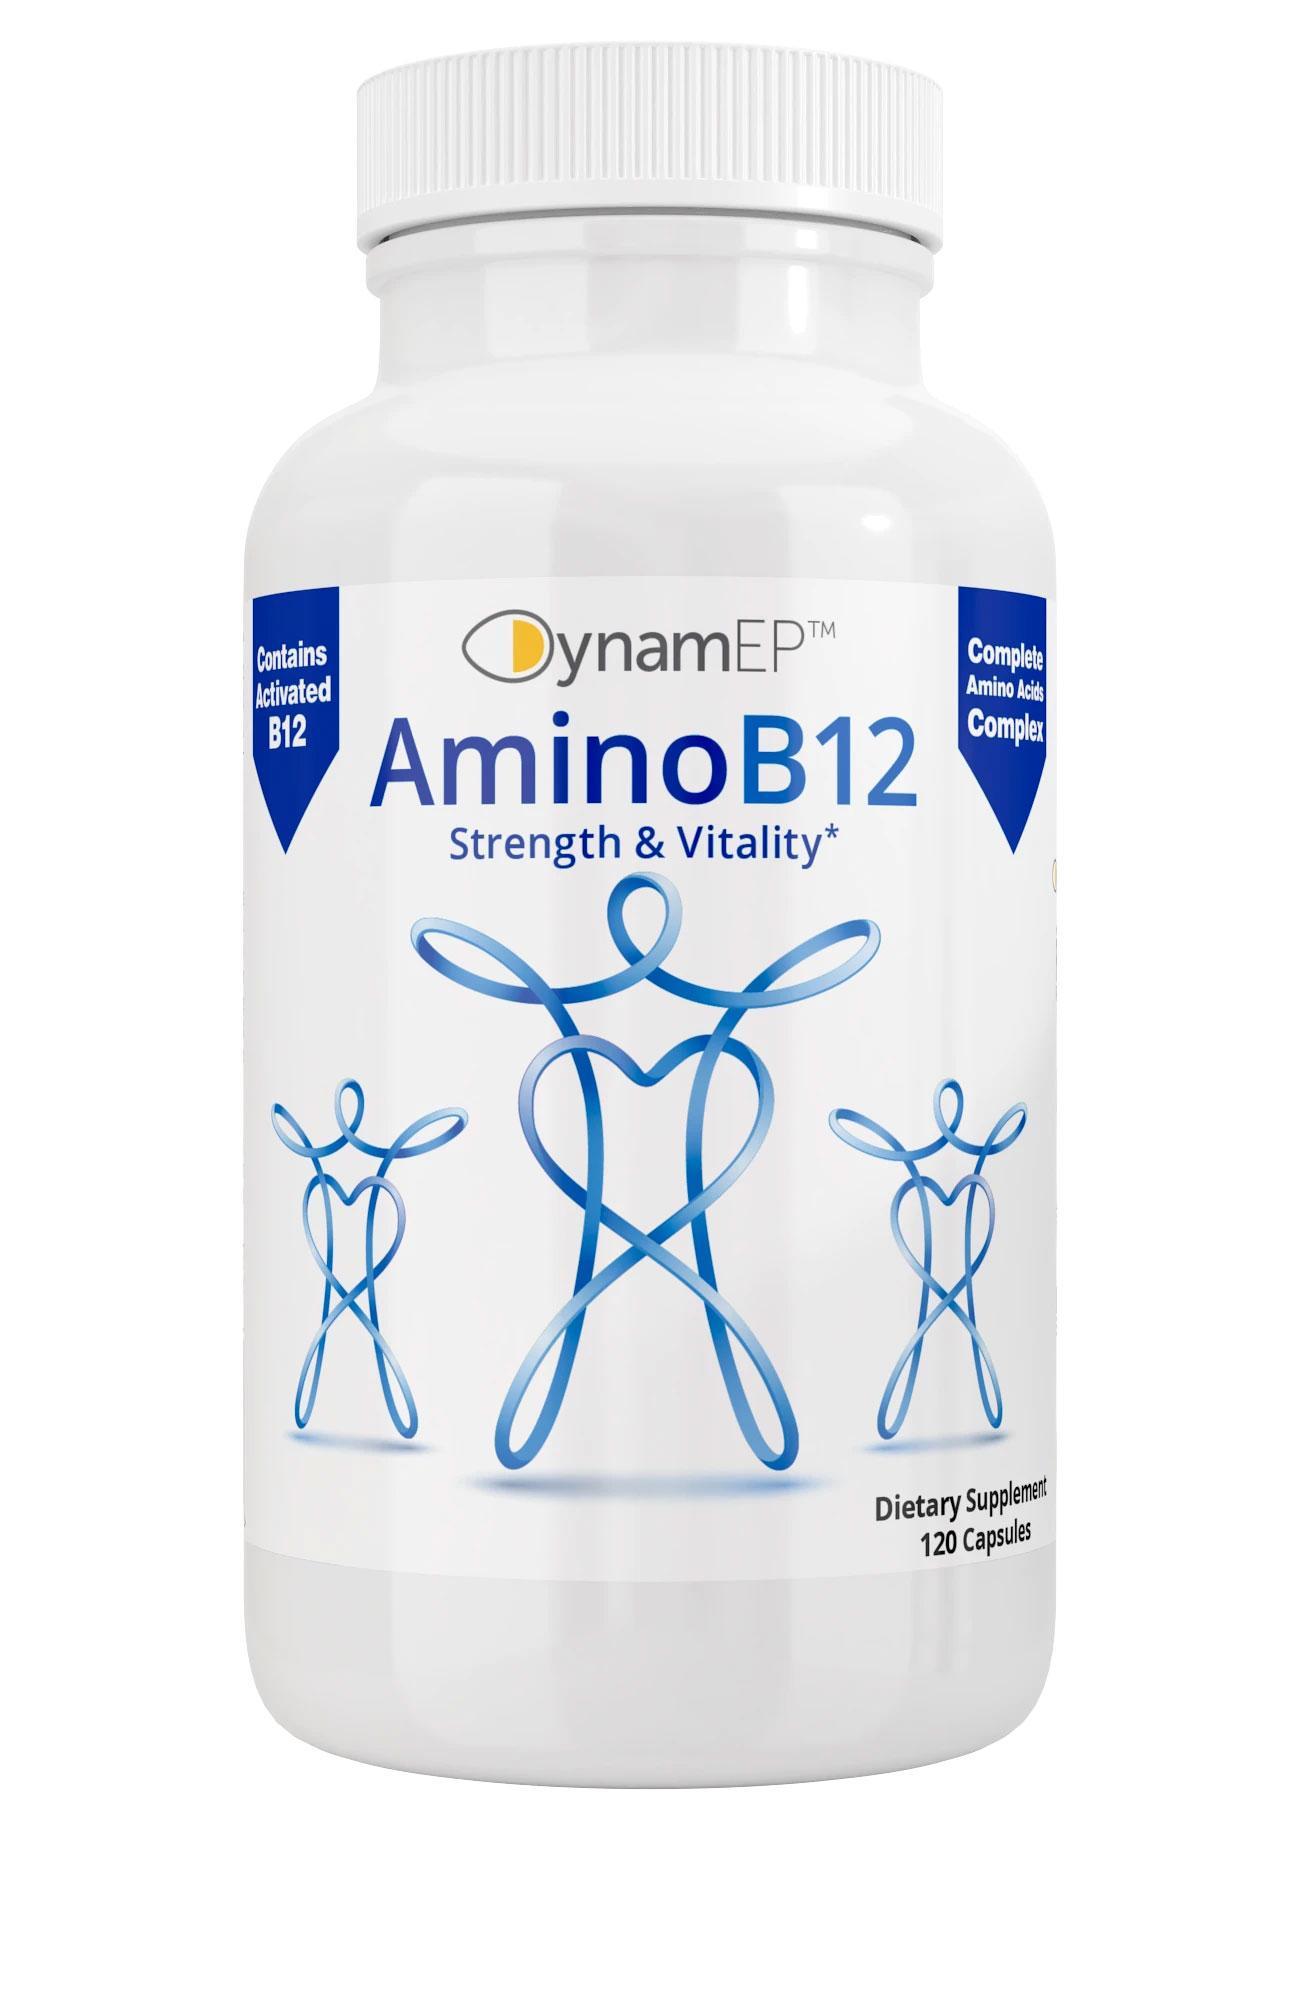 AminoB12 Supplement